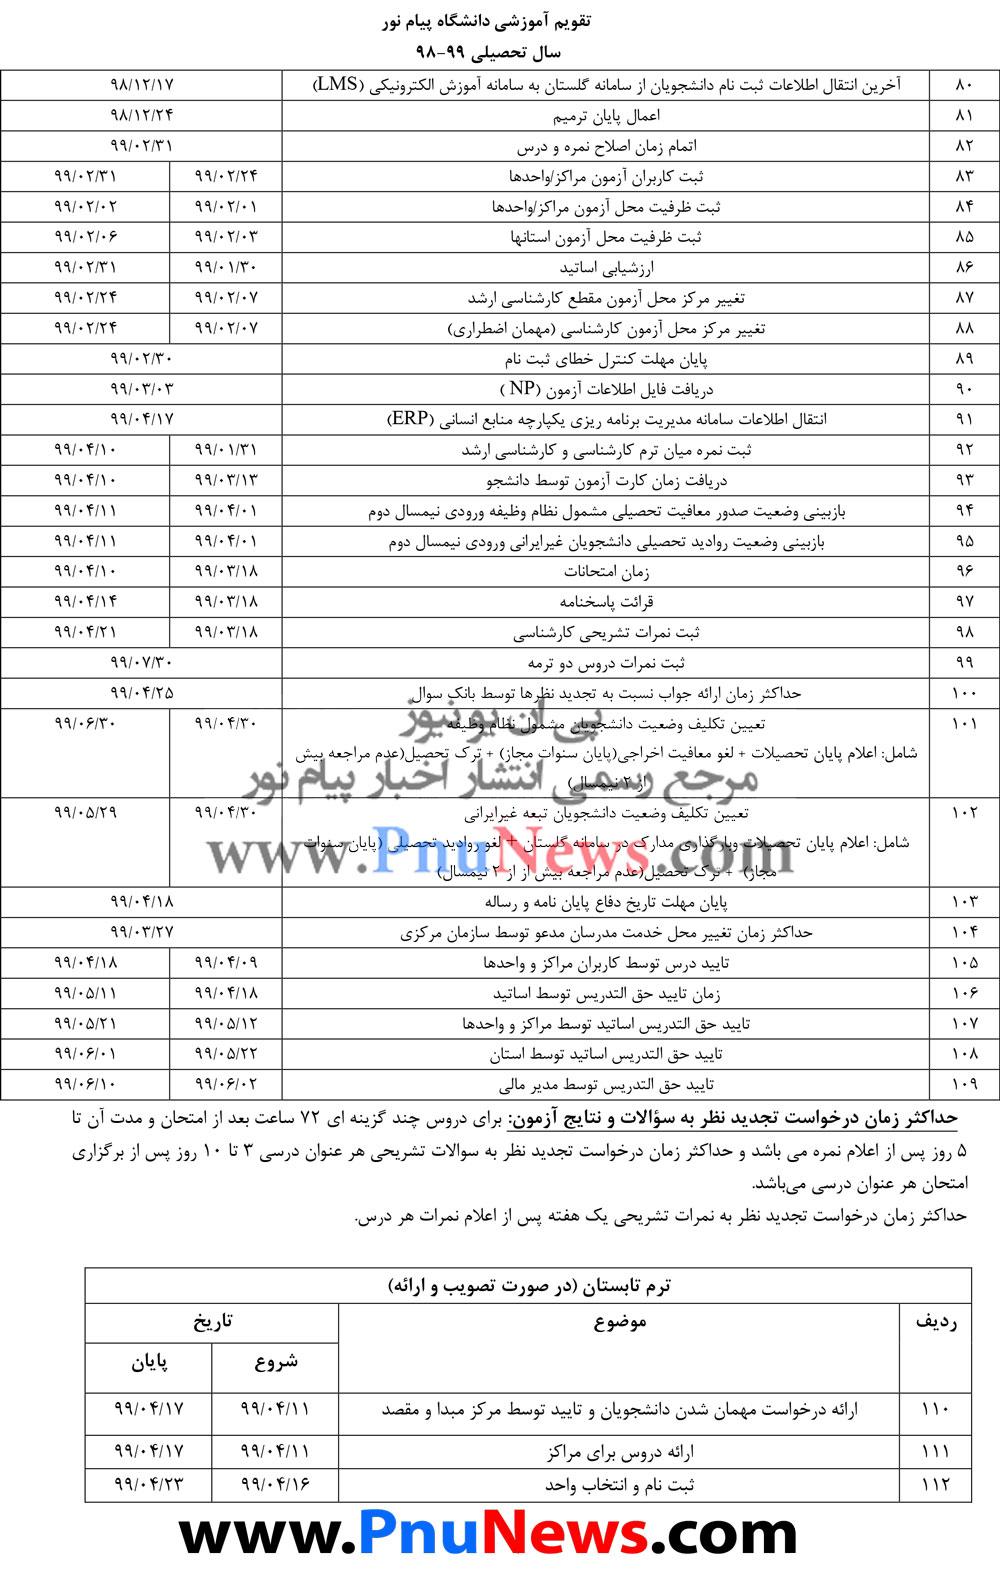 تقویم آموزشی دانشگاه پیام نور سال تحصیلی 99-98